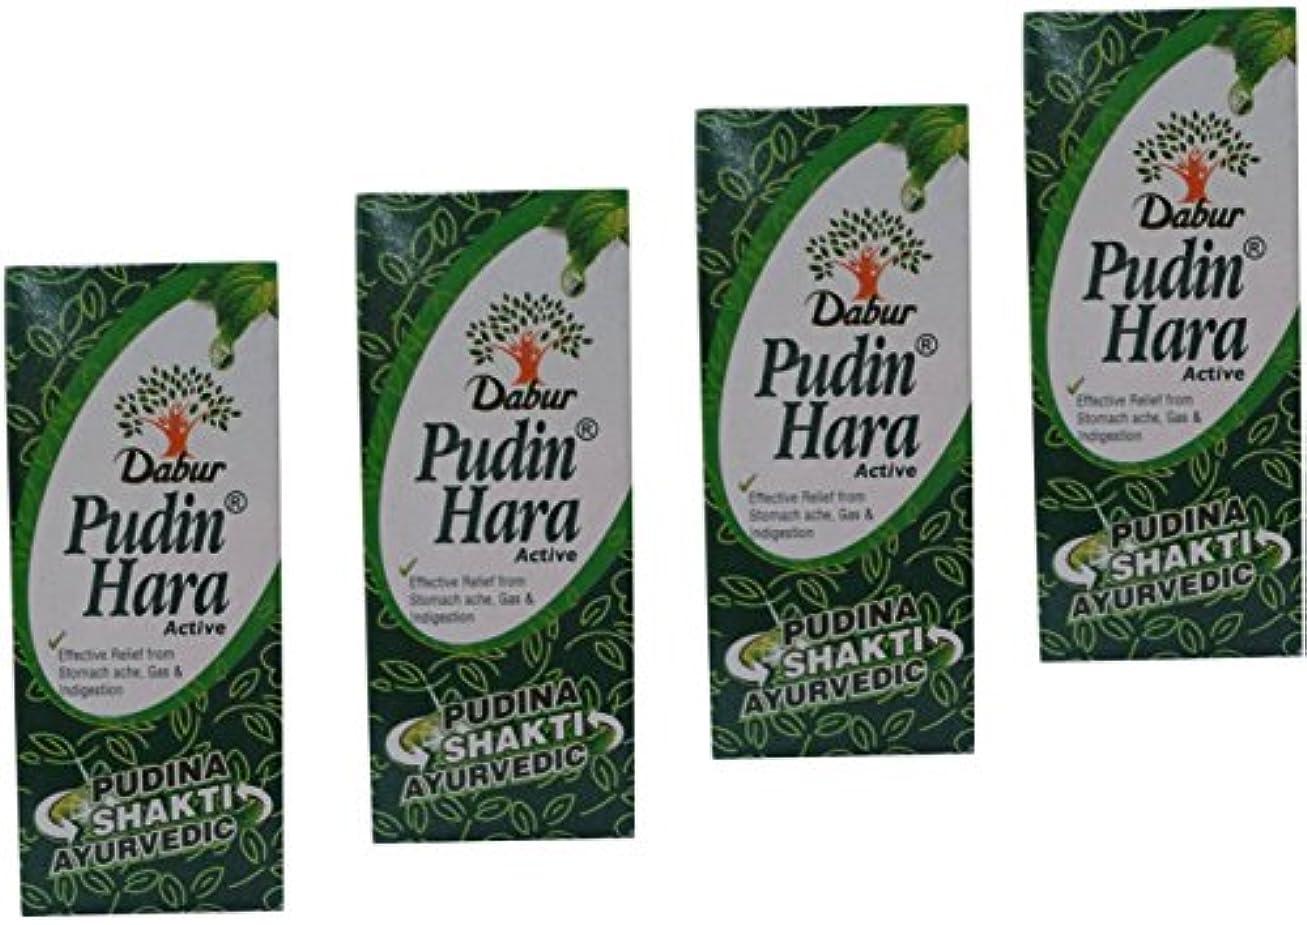 ヘッジホイスト認めるPudin Haraアクティブ、30 ml – ペットボトル( Pack of 4 )